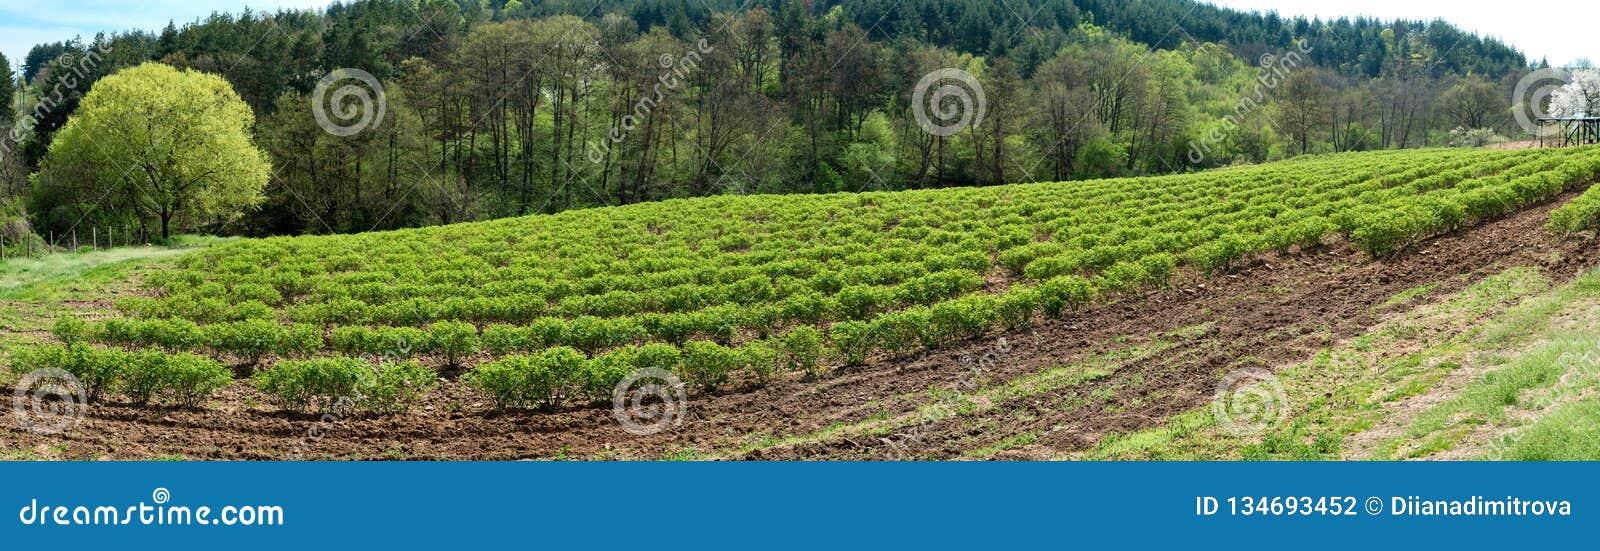 Vallée rose bulgare près de Kazanlak Rose Damascena met en place au printemps - la bannière tôt